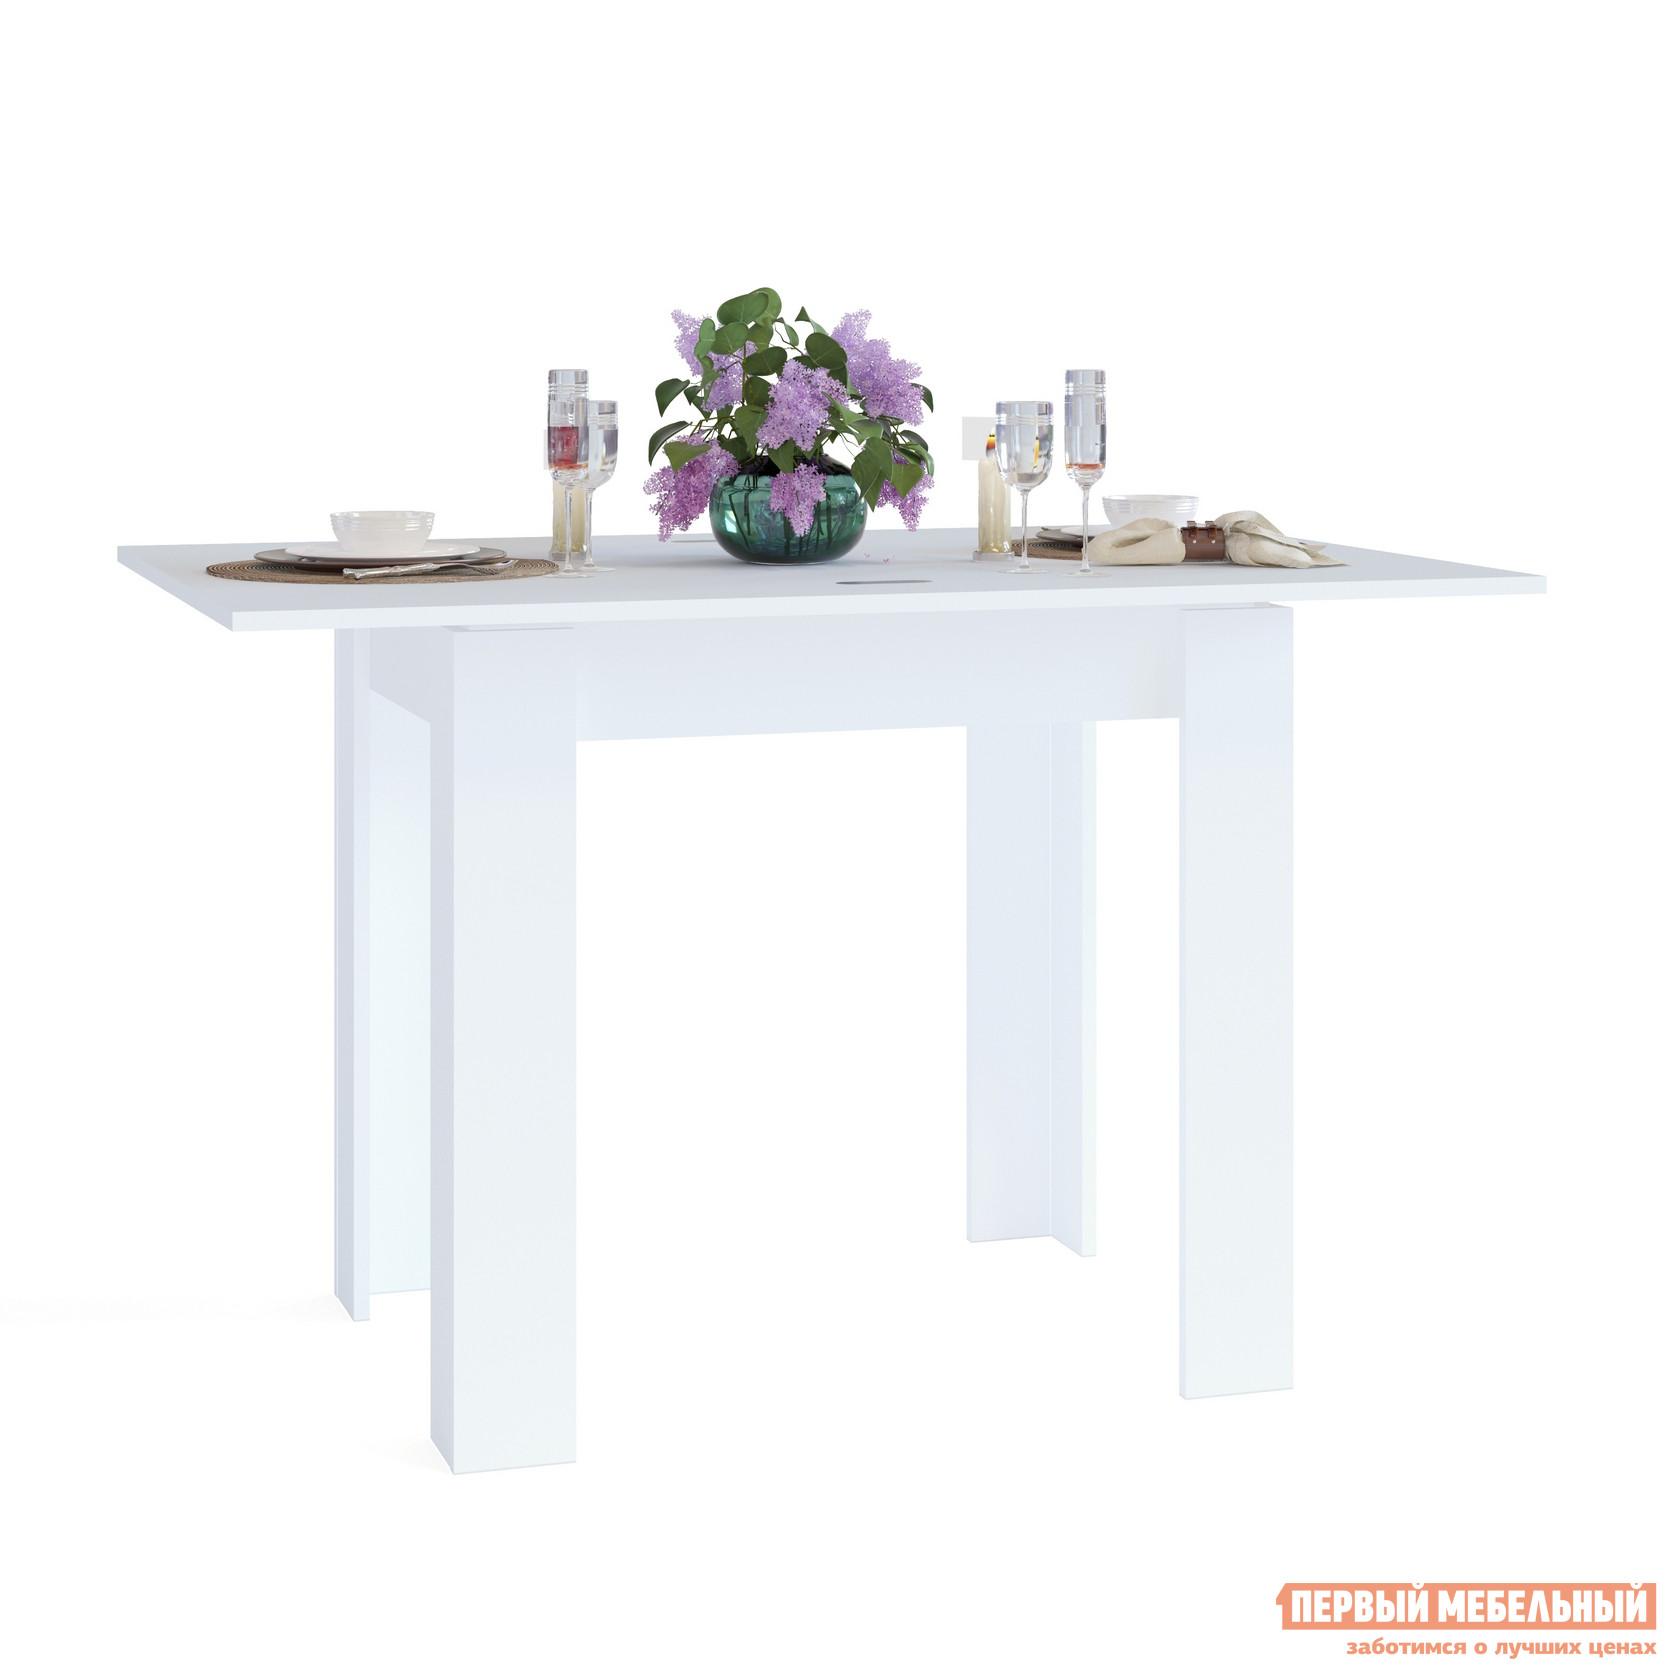 Кухонный стол Сокол СО-1 БелыйКухонные столы<br>Габаритные размеры ВхШхГ 772 / 756x800 / 1200x600 / 800 мм. Небольшой обеденный стол, выполненный в контрастных оттенках.  Оригинальное угловое оформление ножек создает эффект массивности стола.  Модель будет отлично смотреться как в классическом интерьере, так и в современной обстановке кухни. Стол оборудован раскладным механизмом, который увеличивает ширину столешницы до 1200 мм.  Чтобы разложить стол, нужно отодвинуть столешницу, повернуть ее на 90 градусов и раскрыть как книжку.  Легко и удобно. Изделие изготавливается из ЛДСП толщиной 16 мм. Столешница обработана кромкой ПВХ толщиной 2 мм, остальные детали в кромке ПВХ 0,4 мм. Рекомендуем сохранить инструкцию по сборке (паспорт изделия) до истечения гарантийного срока.<br><br>Цвет: Белый<br>Высота мм: 772 / 756<br>Ширина мм: 800 / 1200<br>Глубина мм: 600 / 800<br>Кол-во упаковок: 1<br>Форма поставки: В разобранном виде<br>Срок гарантии: 2 года<br>Тип: Раскладные<br>Тип: Трансформер<br>Материал: Дерево<br>Материал: ЛДСП<br>Форма: Прямоугольные<br>Размер: Маленькие